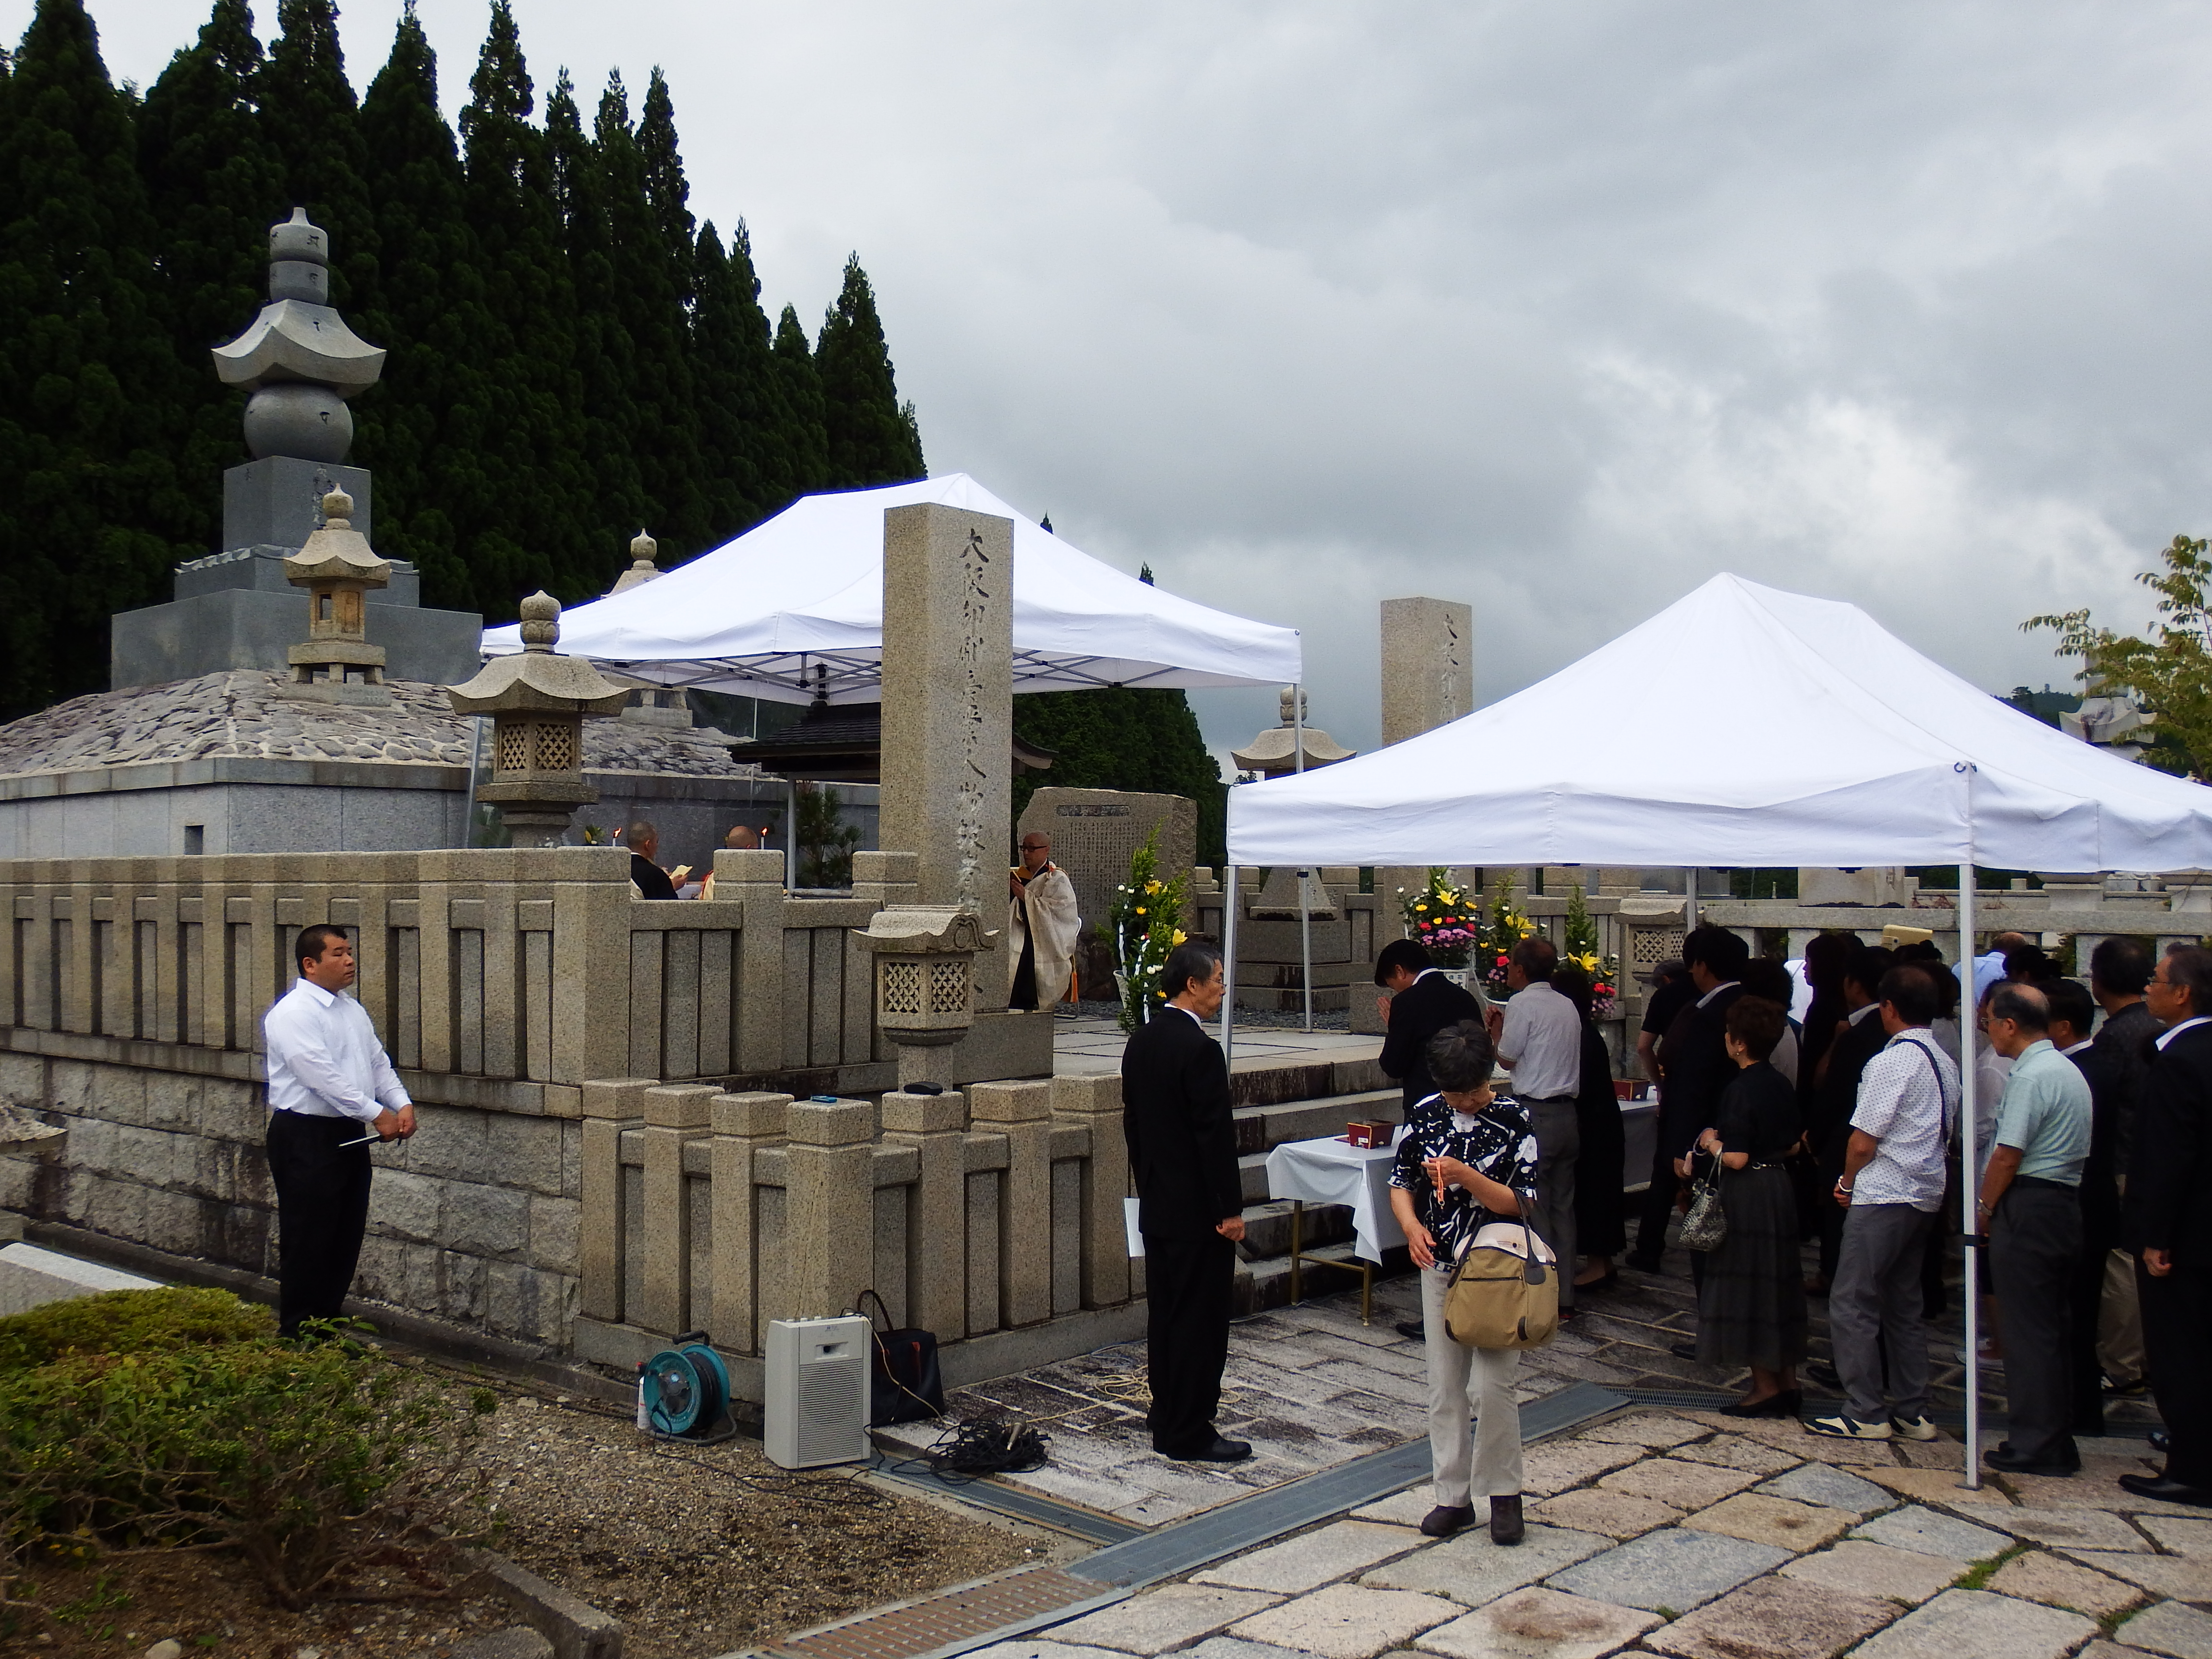 高野山物故者追悼法要、200人が参拝団体-関連の記事